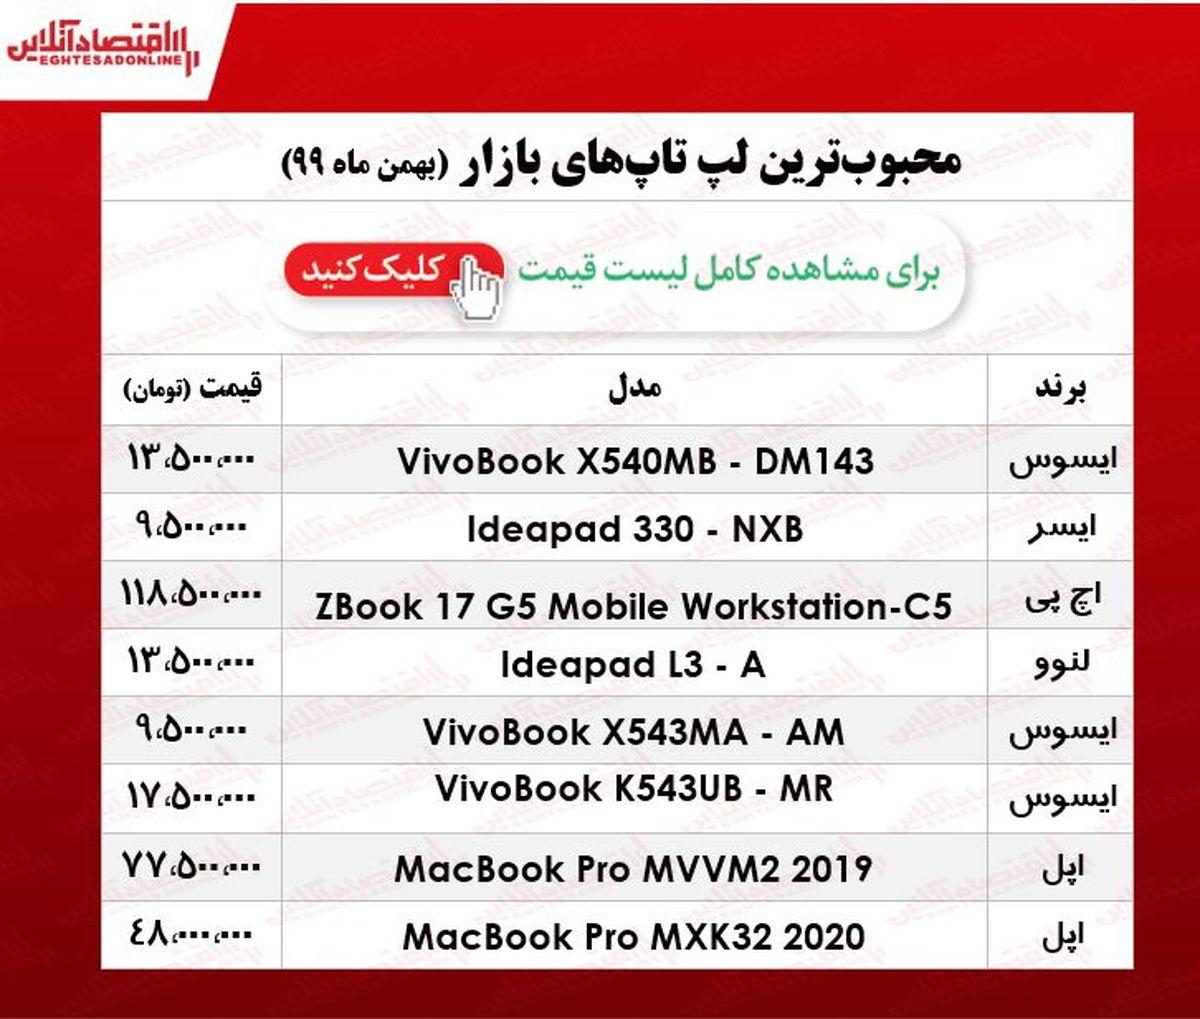 قیمت انواع لپ تاپ محبوب در بازار/ ۲۱بهمن ۹۹